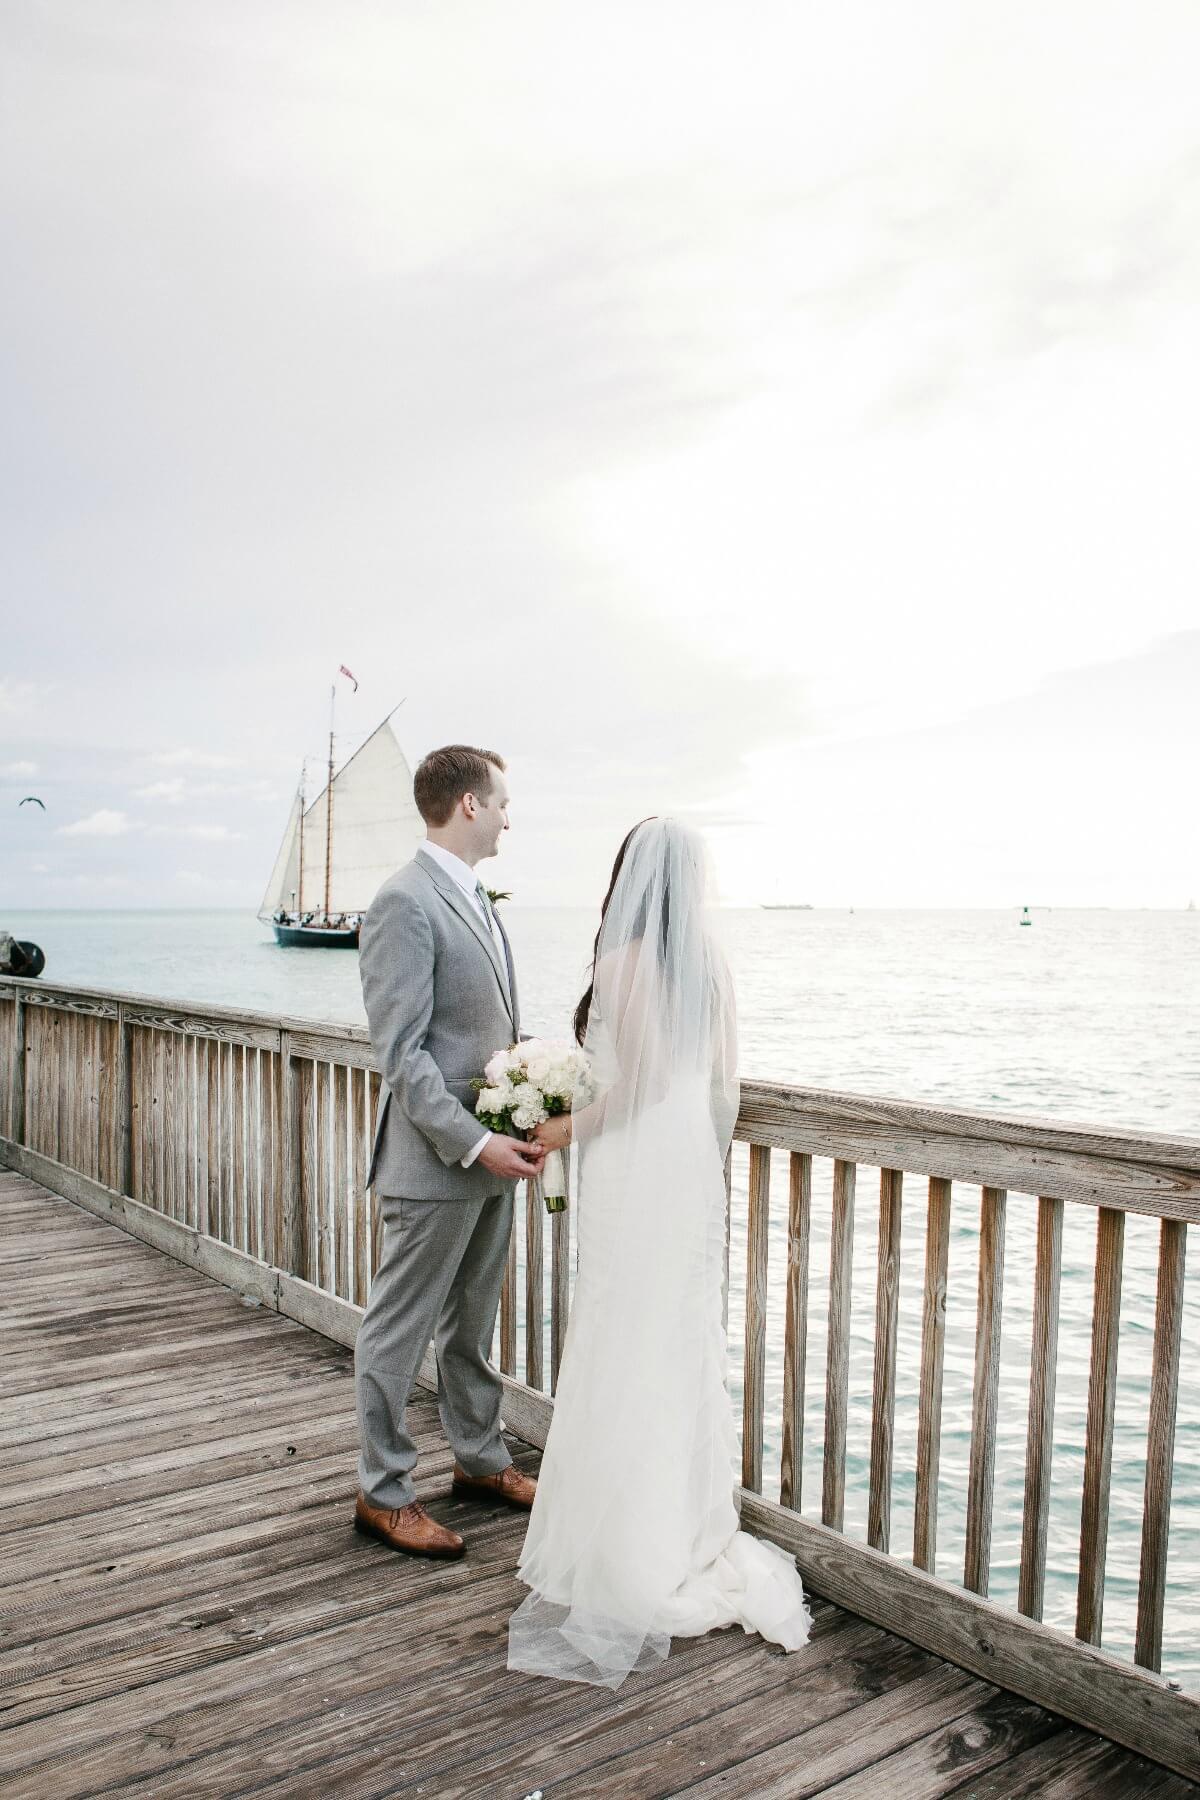 Melanie Duerkopp, Melanie Duerkopp Photography, Key West Wedding, Destination Wedding, Destination Wedding Photographer, San Francisco Wedding Photographer, romantic, outdoor, beach wedding, blush bridesmaids gowns, blush and grey